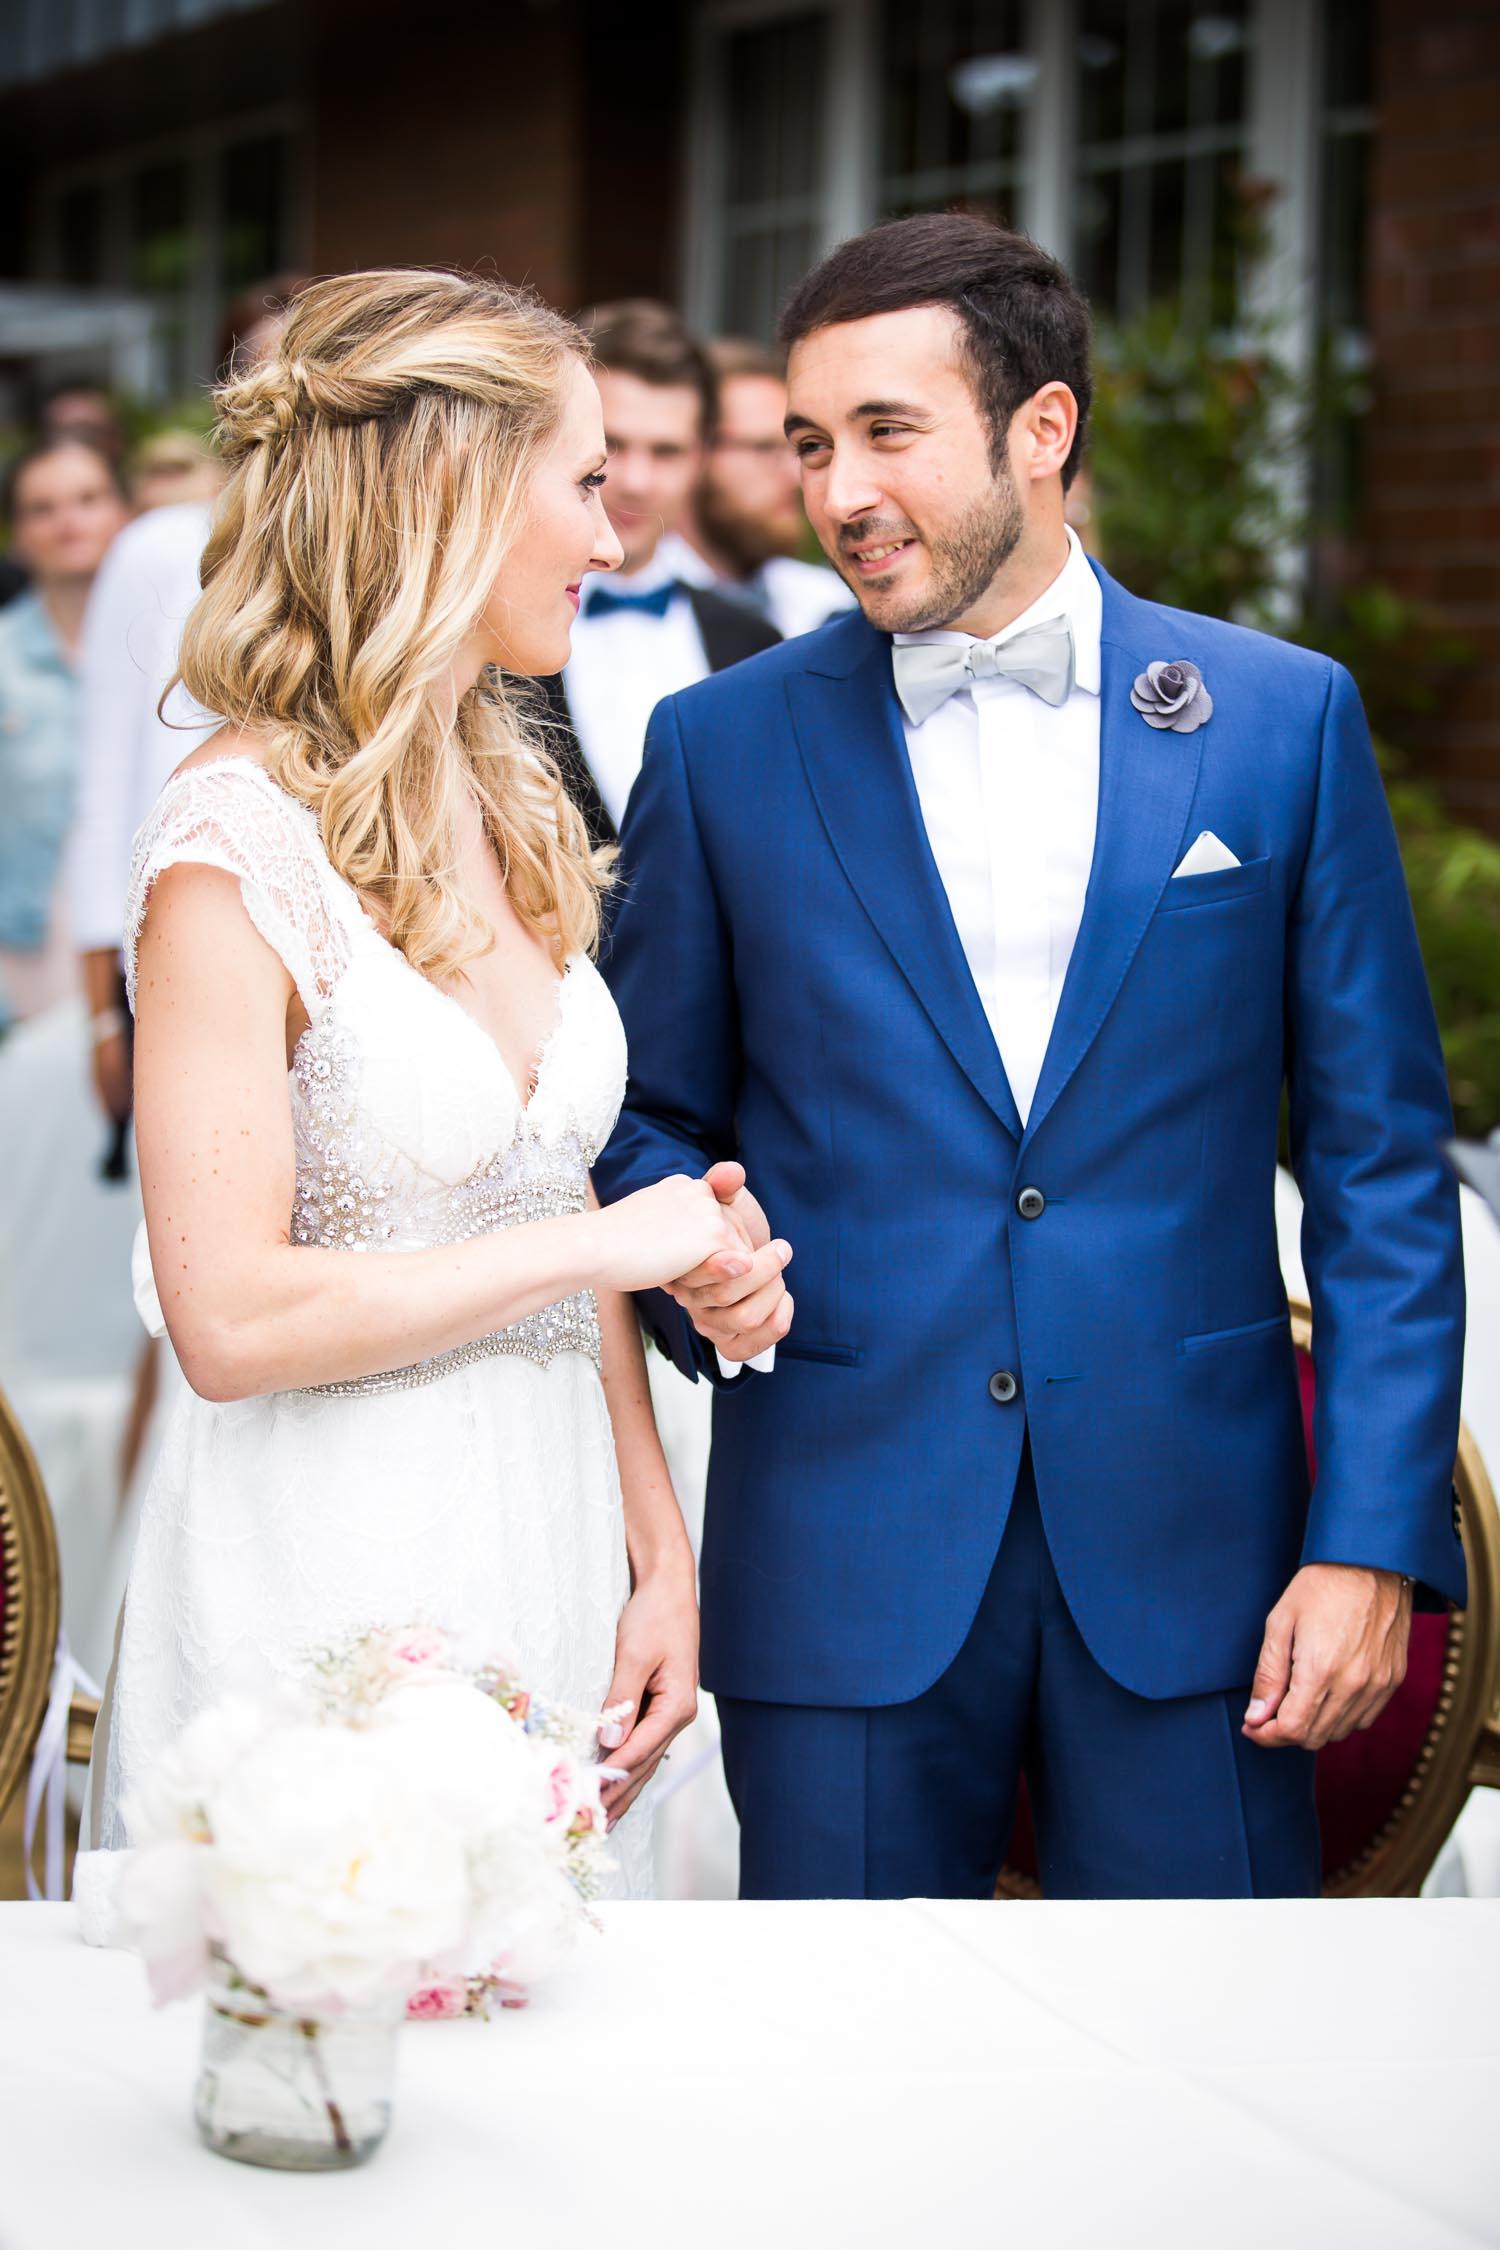 Hochzeitsfotografie dorinamilas beitrag frau immer herr ewig 27  – gesehen bei frauimmer-herrewig.de